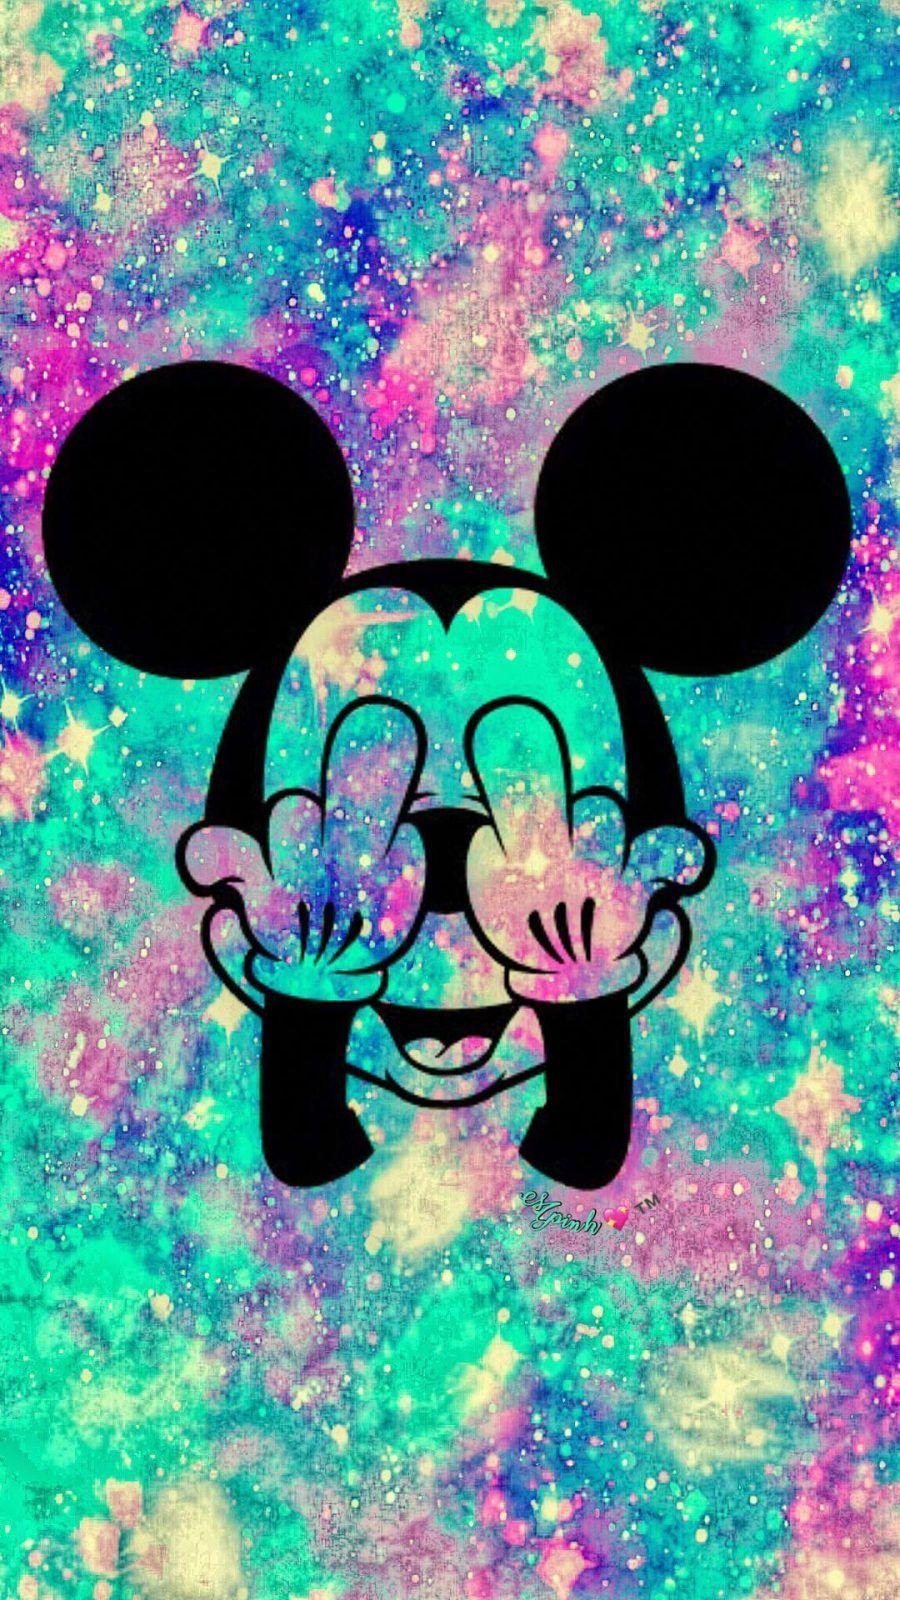 Iphone Wallpaper Hipster 286 Mickey Mouse Dessin Papiers Peints Mignons Papier Peint Disney